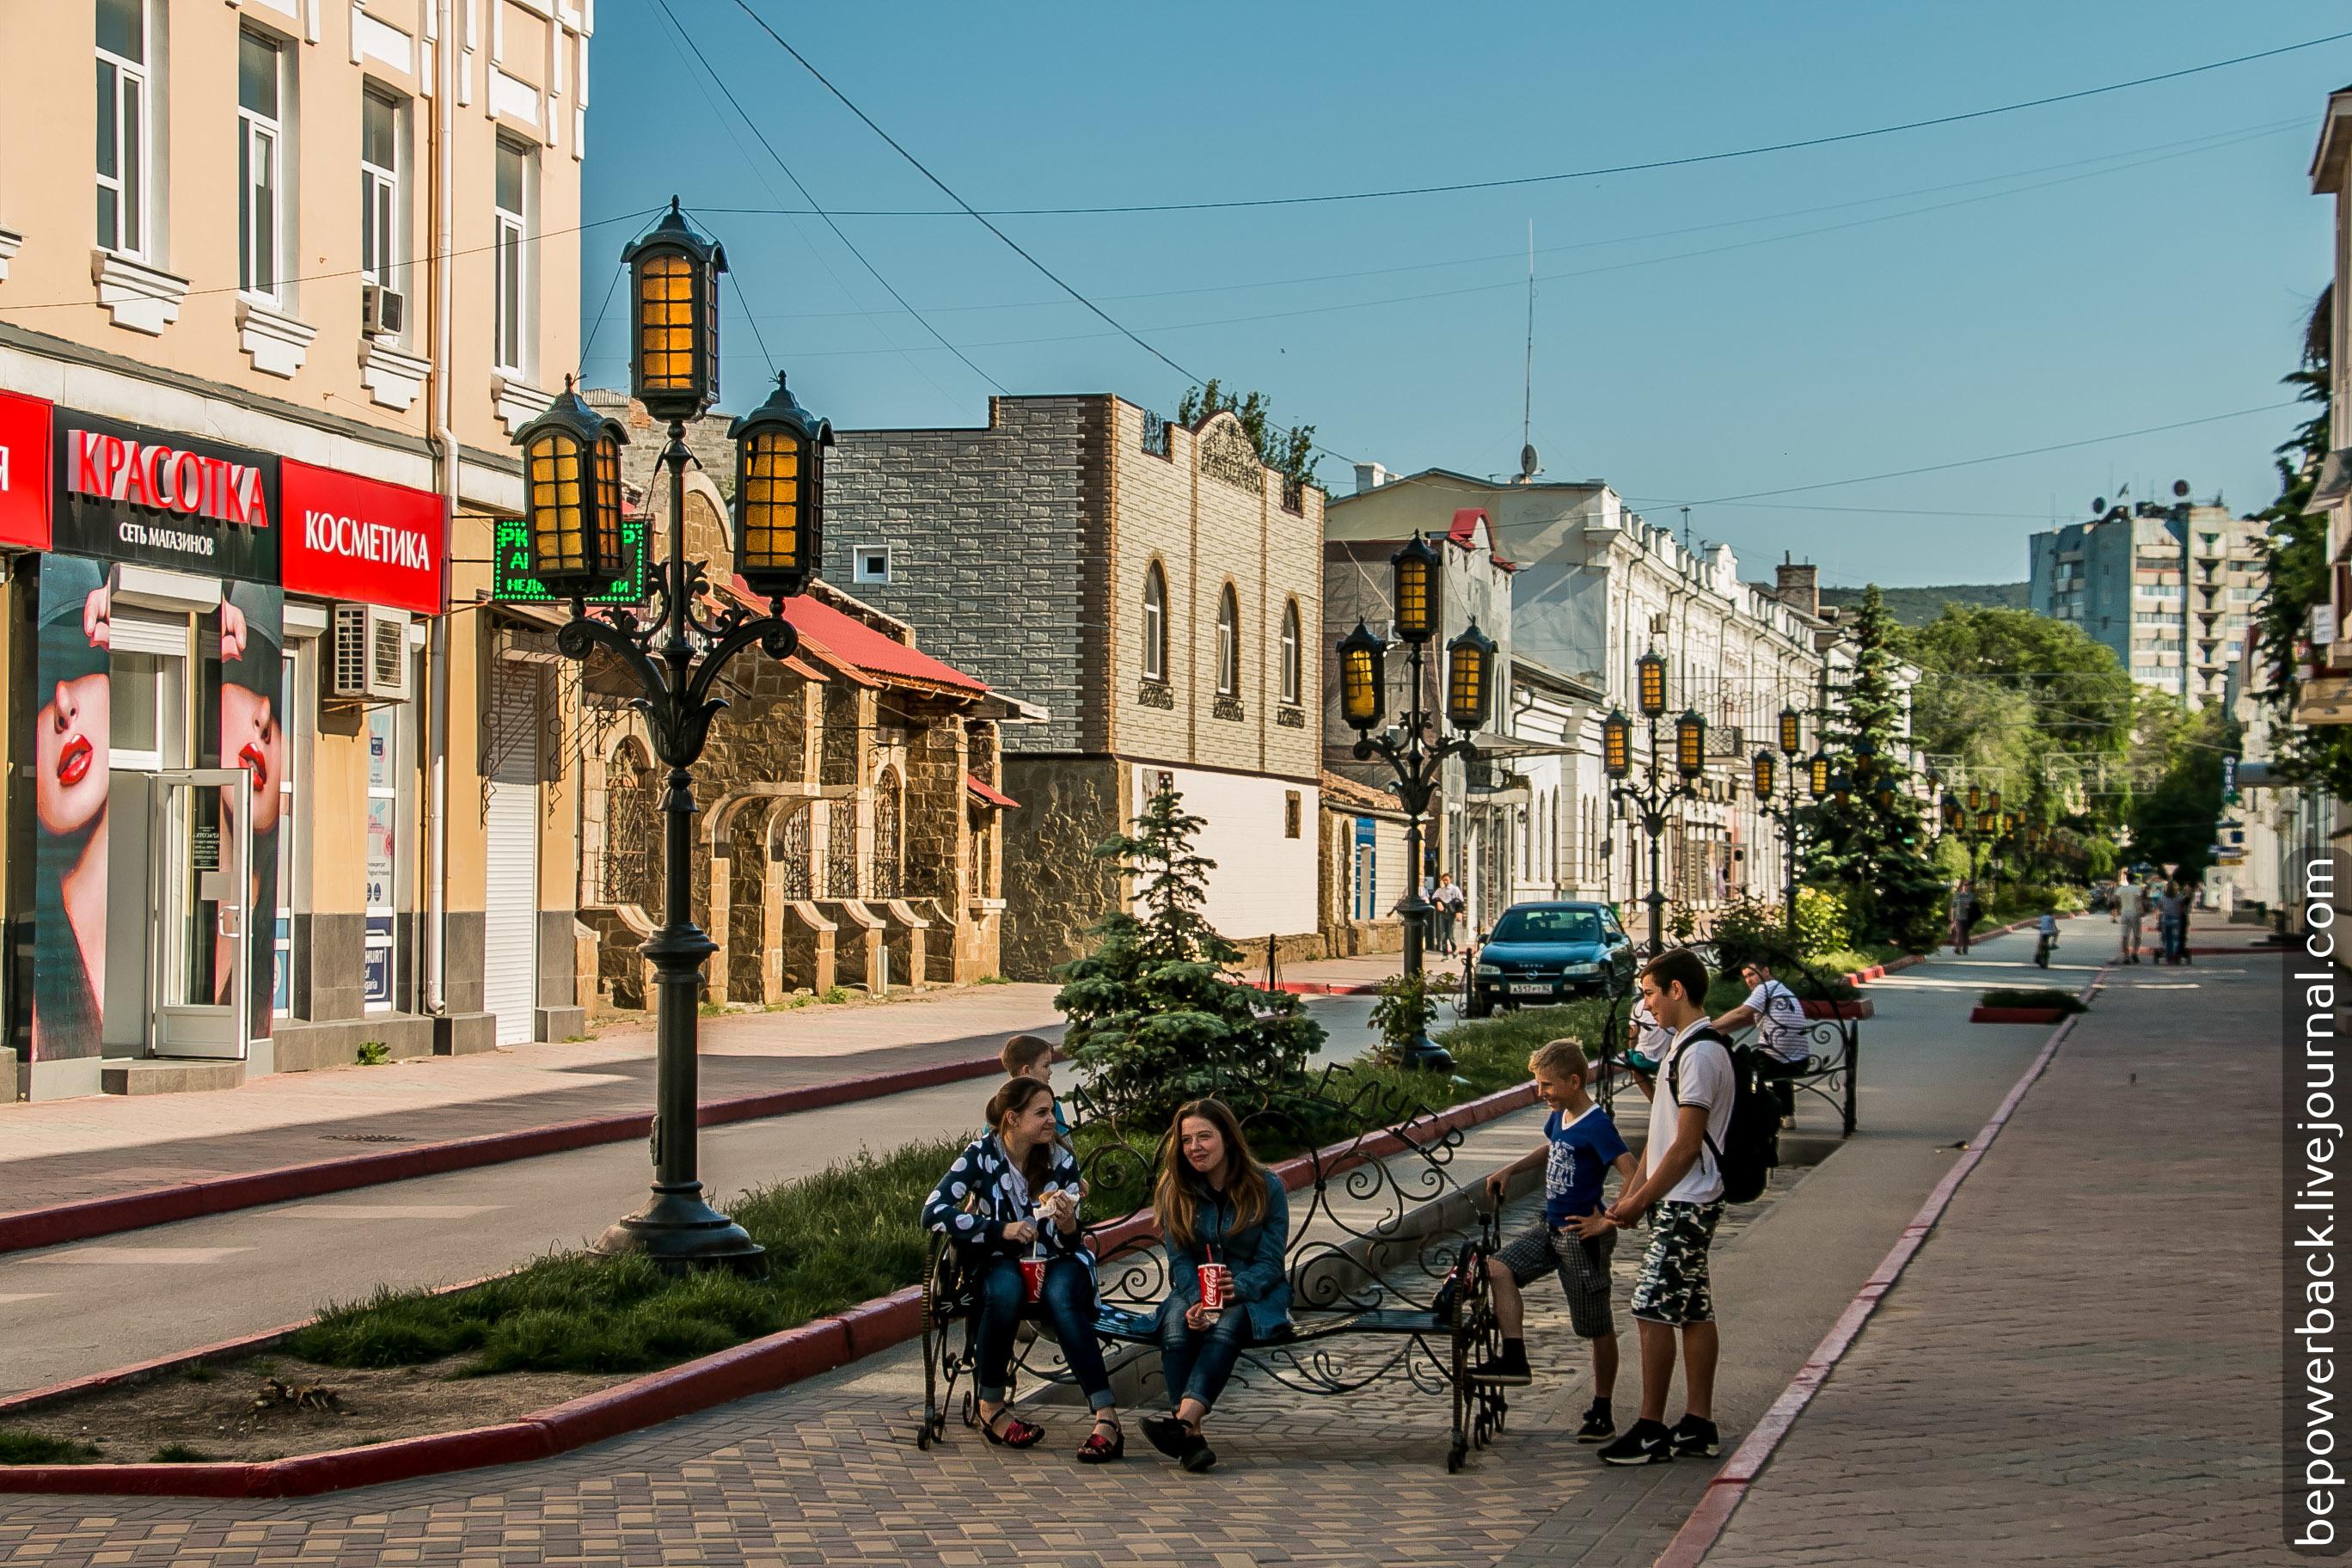 центральная улица феодосии фото себя представляет